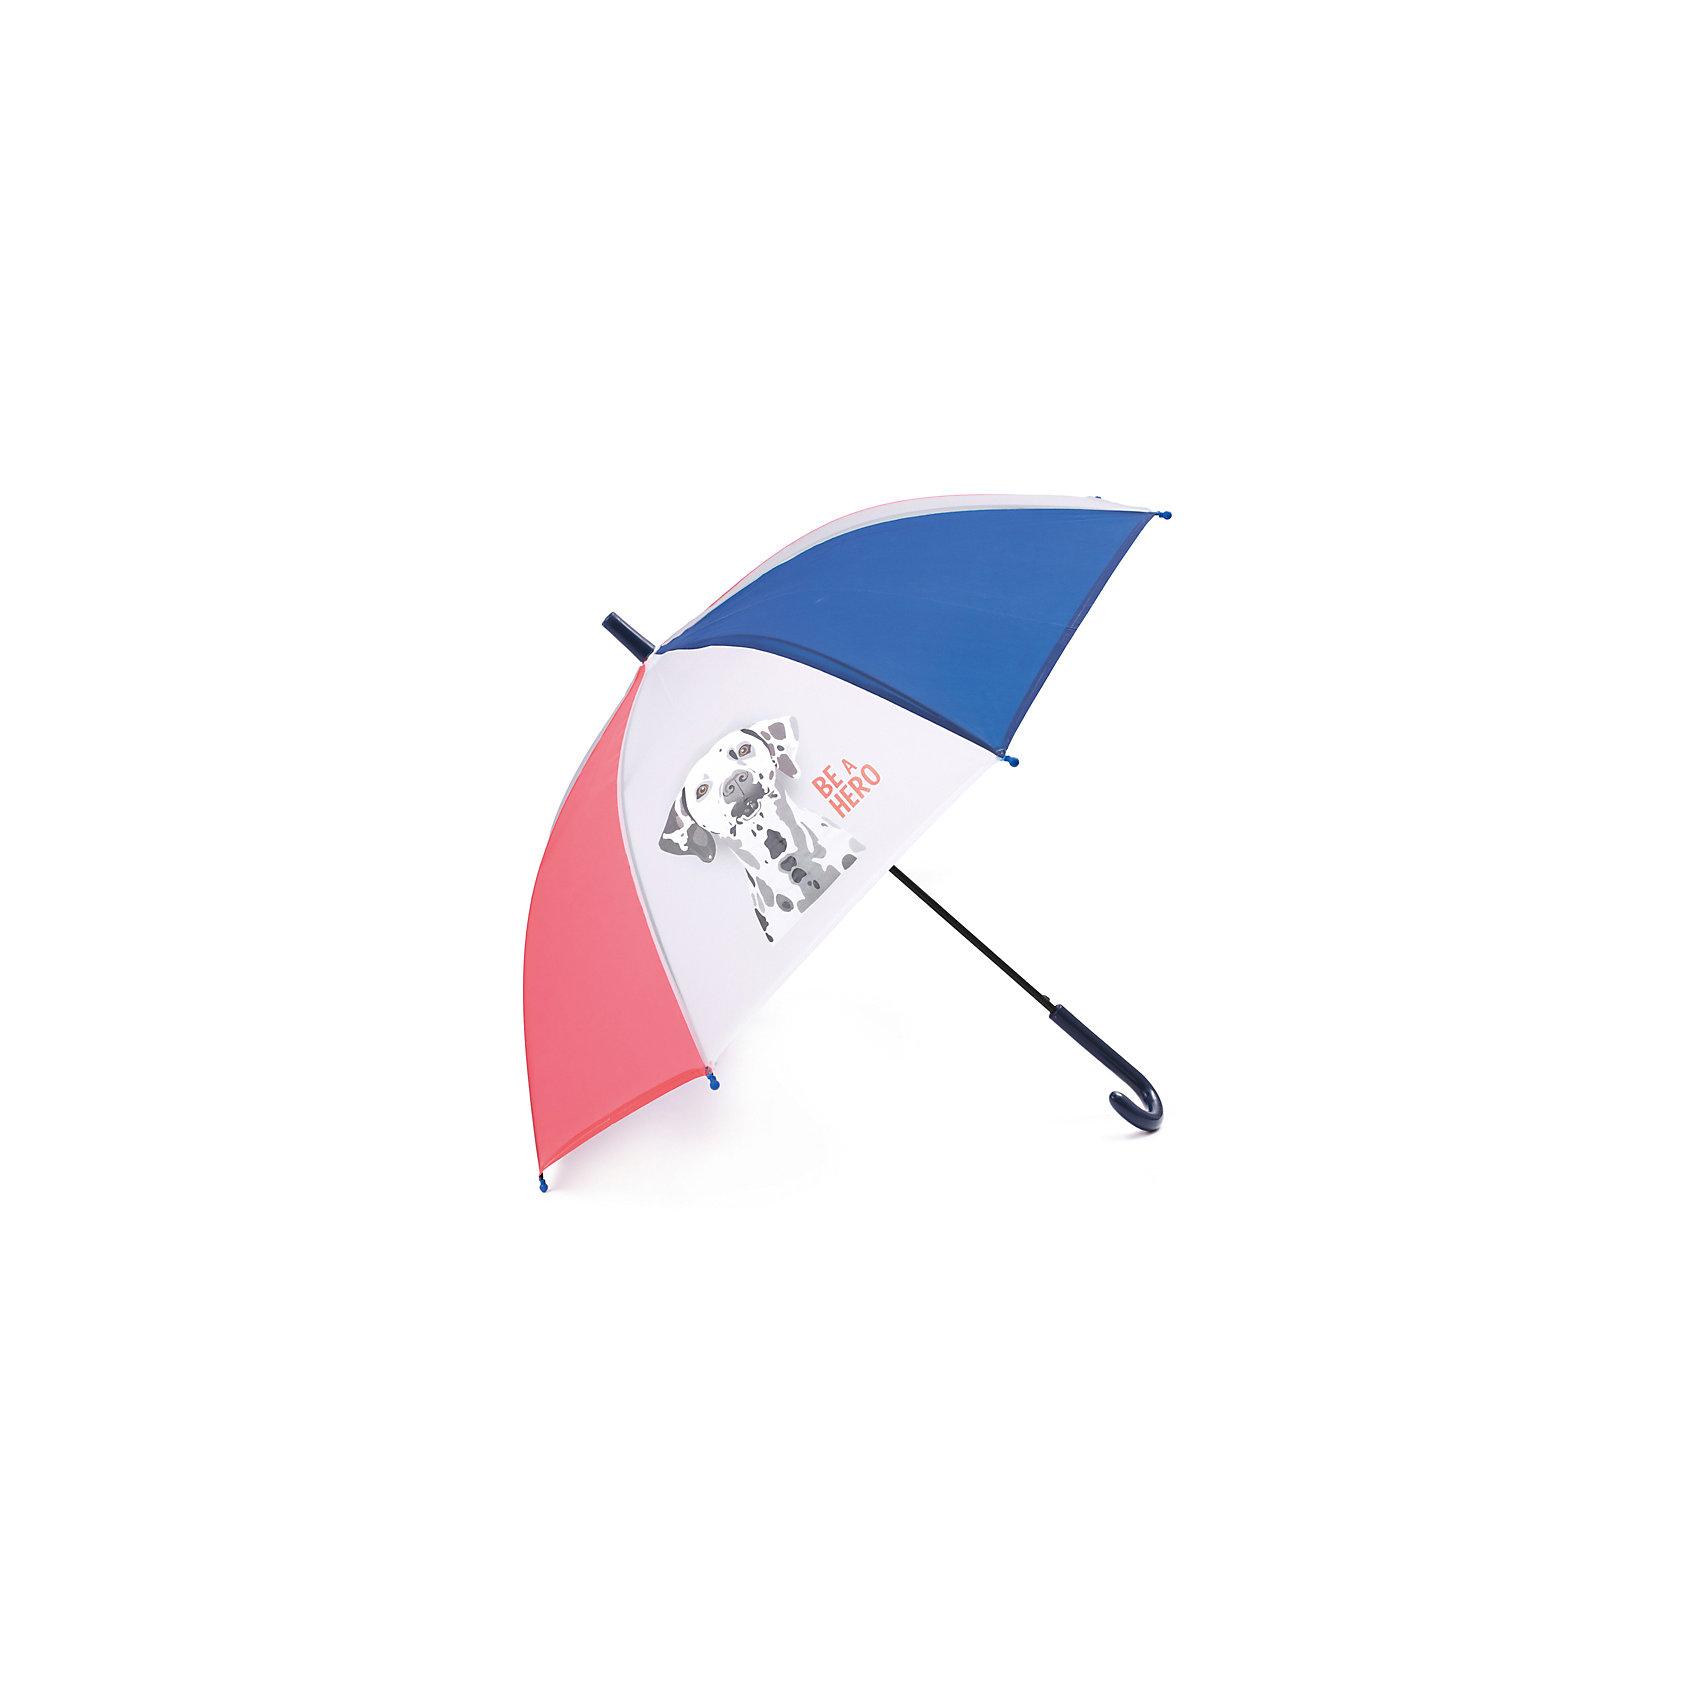 Зонт для мальчика PlayTodayЗонты<br>Зонт для мальчика PlayToday<br>Этот яркий цветной зонтик обязательно понравится Вашему ребенку! Оснащен специальной безопасной системой открывания и закрывания. Материал каркаса ветроустойчивый. Концы спиц снабжены пластмассовыми наконечниками для защиты от травм. Такой зонт идеально подойдет для прогулок в дождливую погоду. <br><br>Преимущества: <br><br>Оснащен специальной безопасной системой открывания и закрывания<br>Концы спиц снабжены пластмассовыми наконечниками для защиты от травм<br><br>Состав:<br>Каркас: 100:сталь; Купол: 100%полиэстер; Ручка:100% АБС пластик<br><br>Ширина мм: 170<br>Глубина мм: 157<br>Высота мм: 67<br>Вес г: 117<br>Цвет: разноцветный<br>Возраст от месяцев: 60<br>Возраст до месяцев: 144<br>Пол: Мужской<br>Возраст: Детский<br>Размер: one size<br>SKU: 5403591